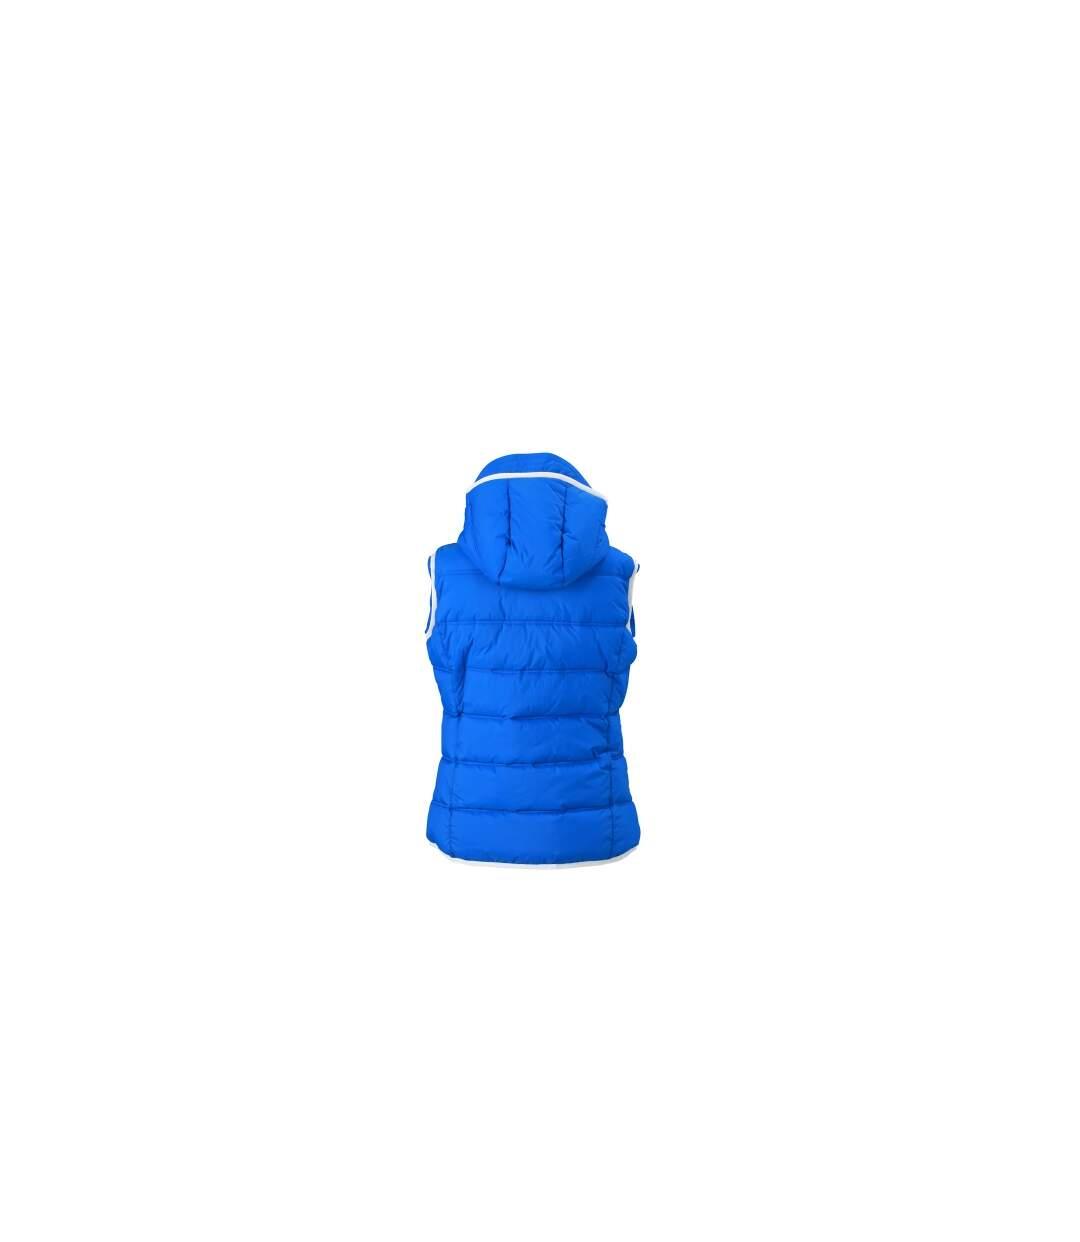 Doudoune sans manches pour femme - JN1075 - bleu nautique